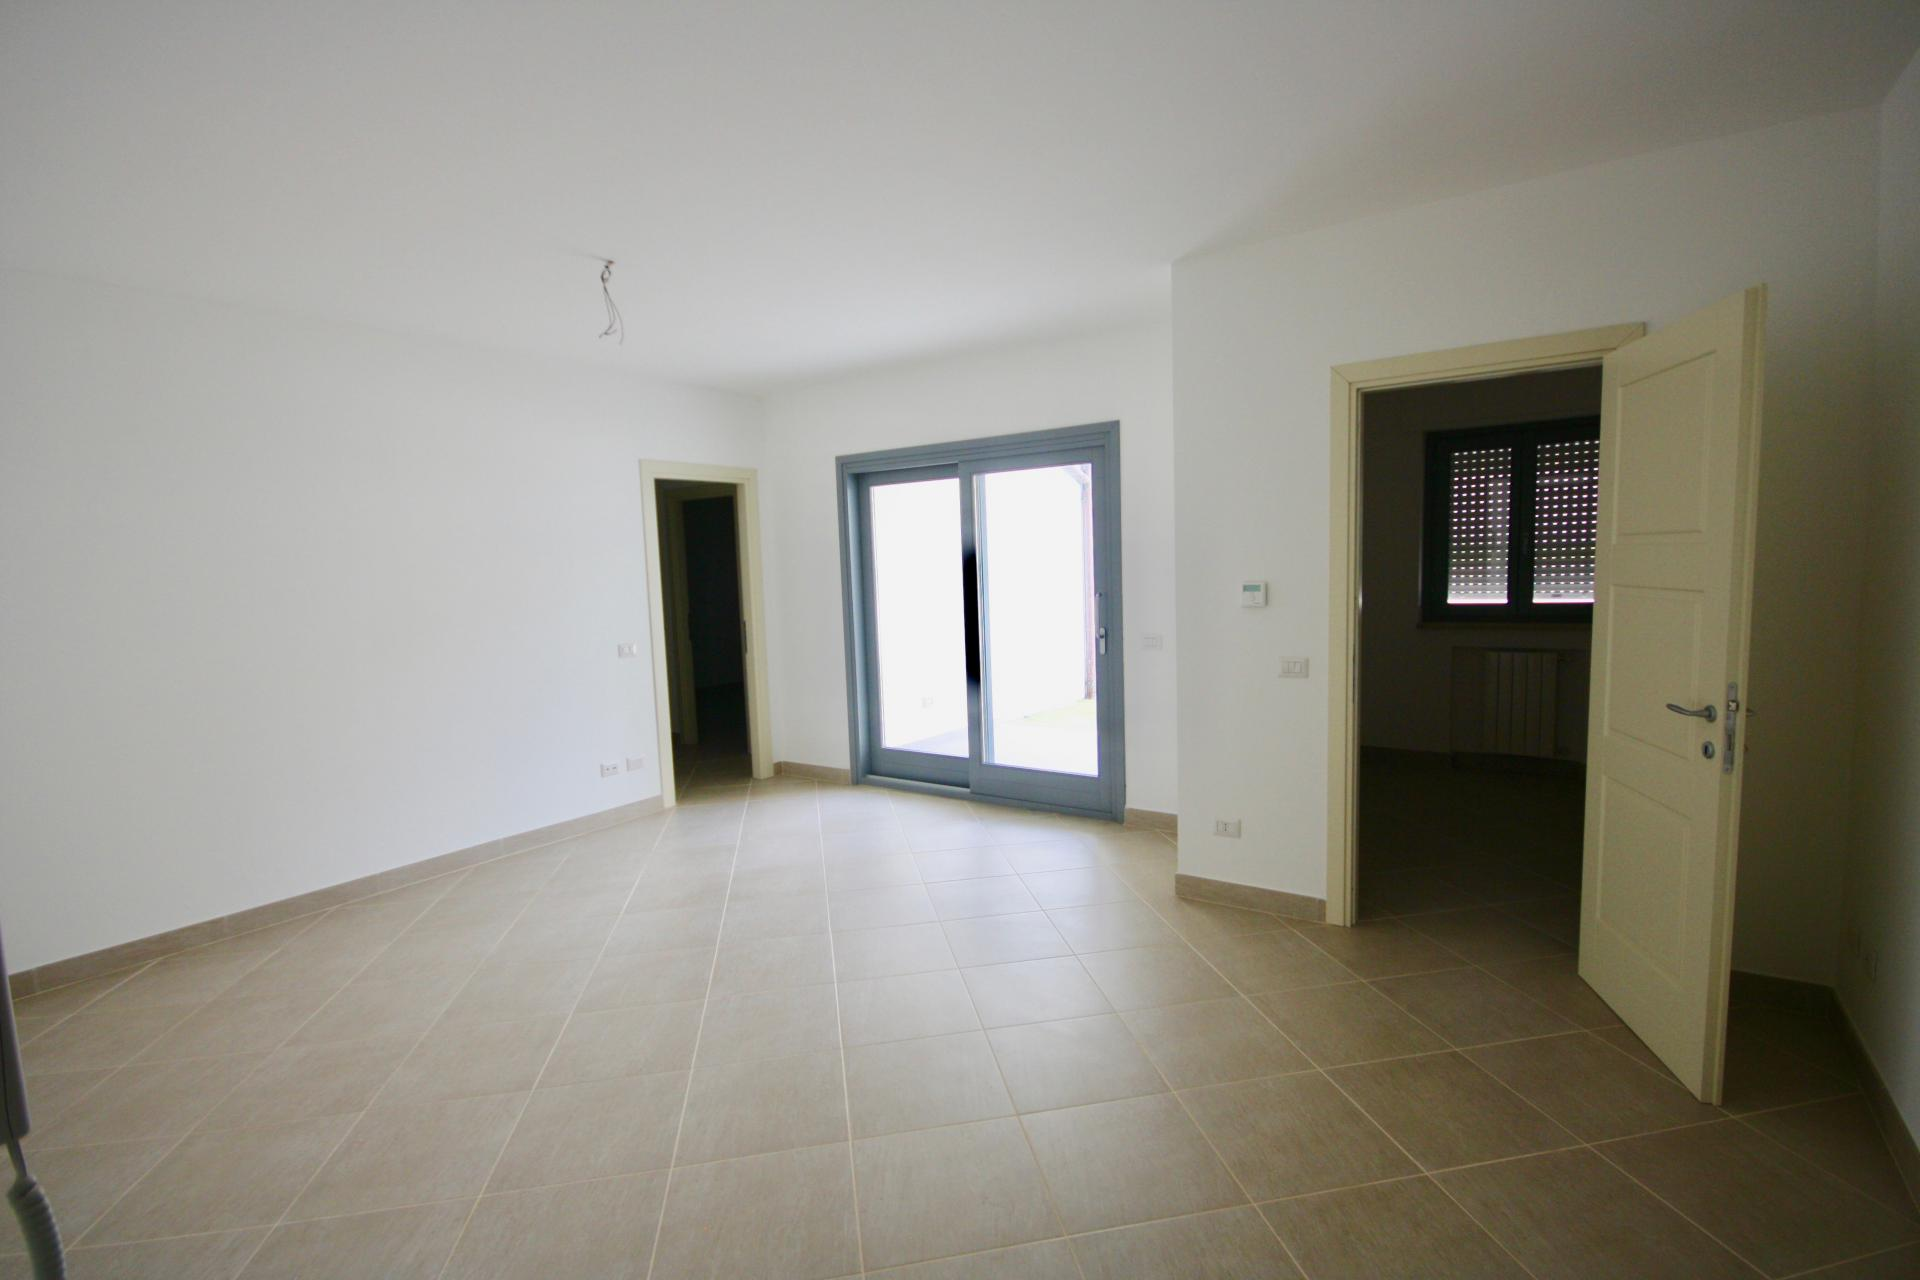 Appartamento in vendita a Olbia - Porto Rotondo, 4 locali, zona Località: Olbiacittà, prezzo € 220.000   CambioCasa.it